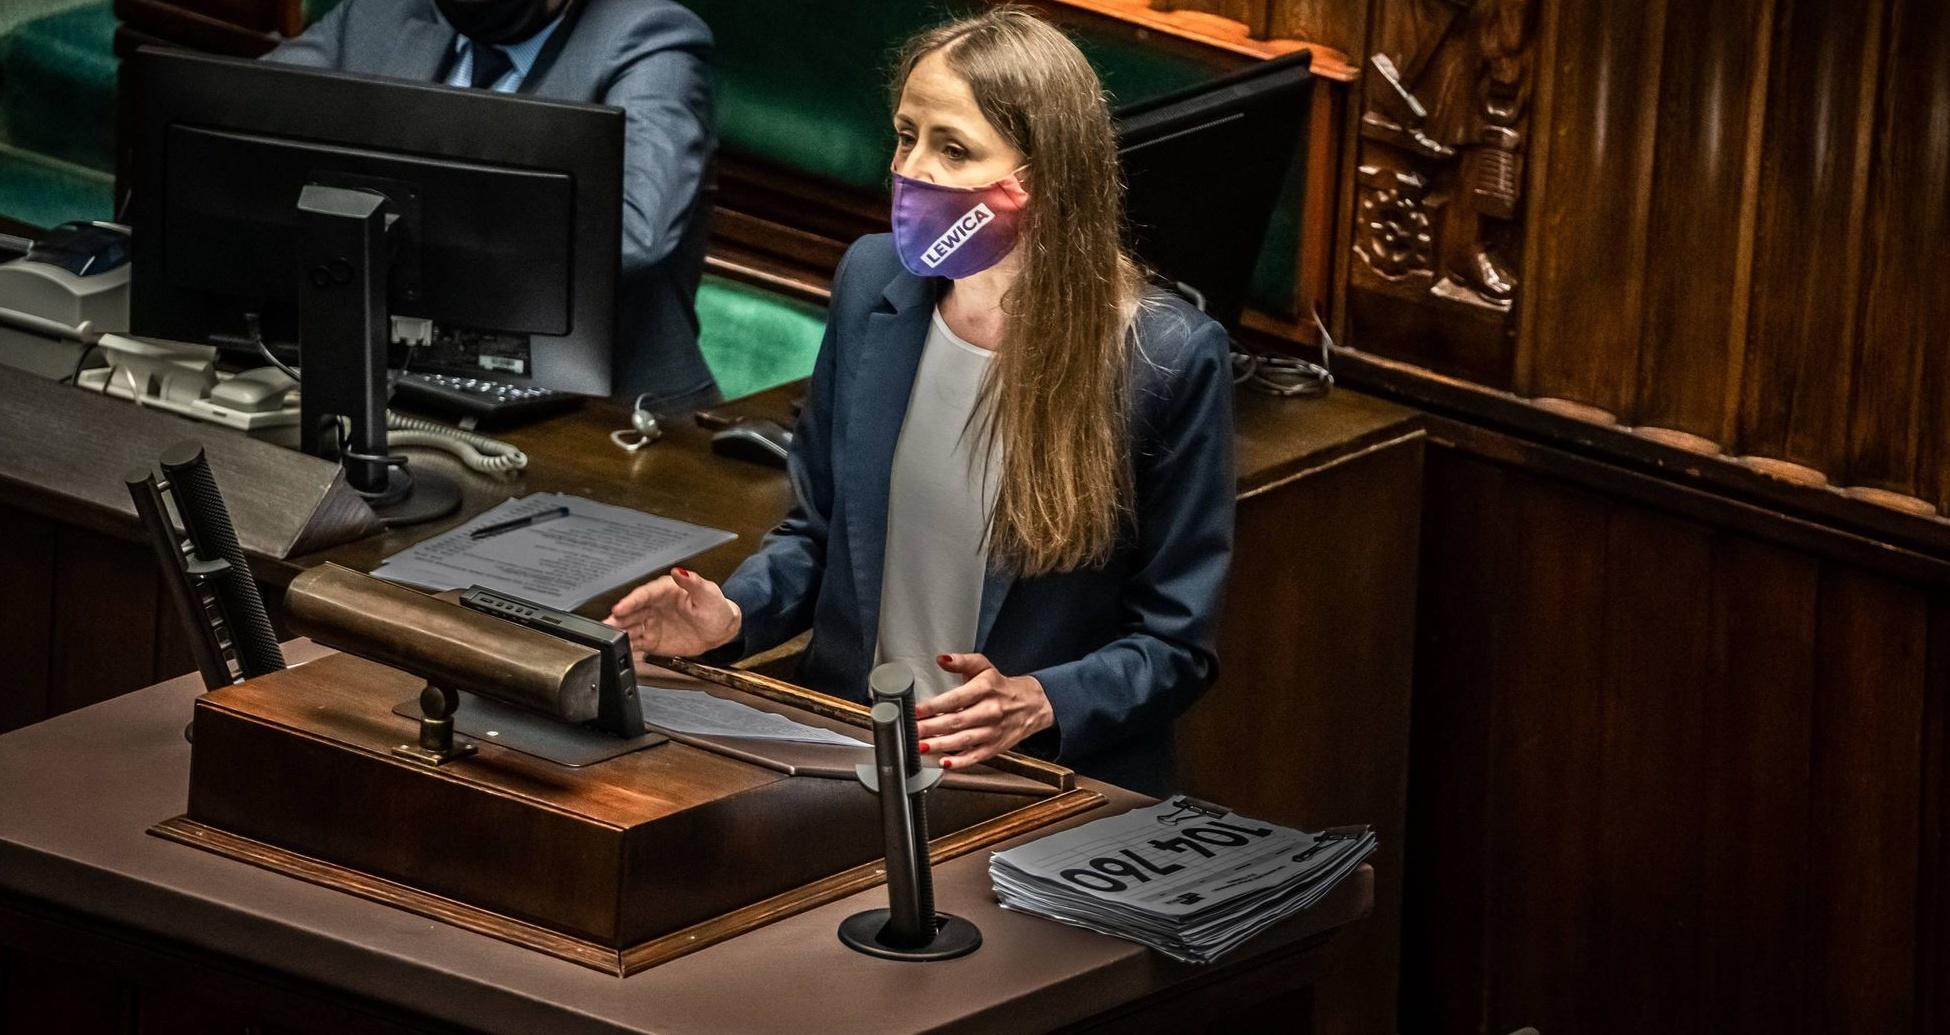 Dziemianowicz-Bąk: Przemysław Czarnek chce młodzieży zniszczyć dzieciństwo i ukraść przyszłość